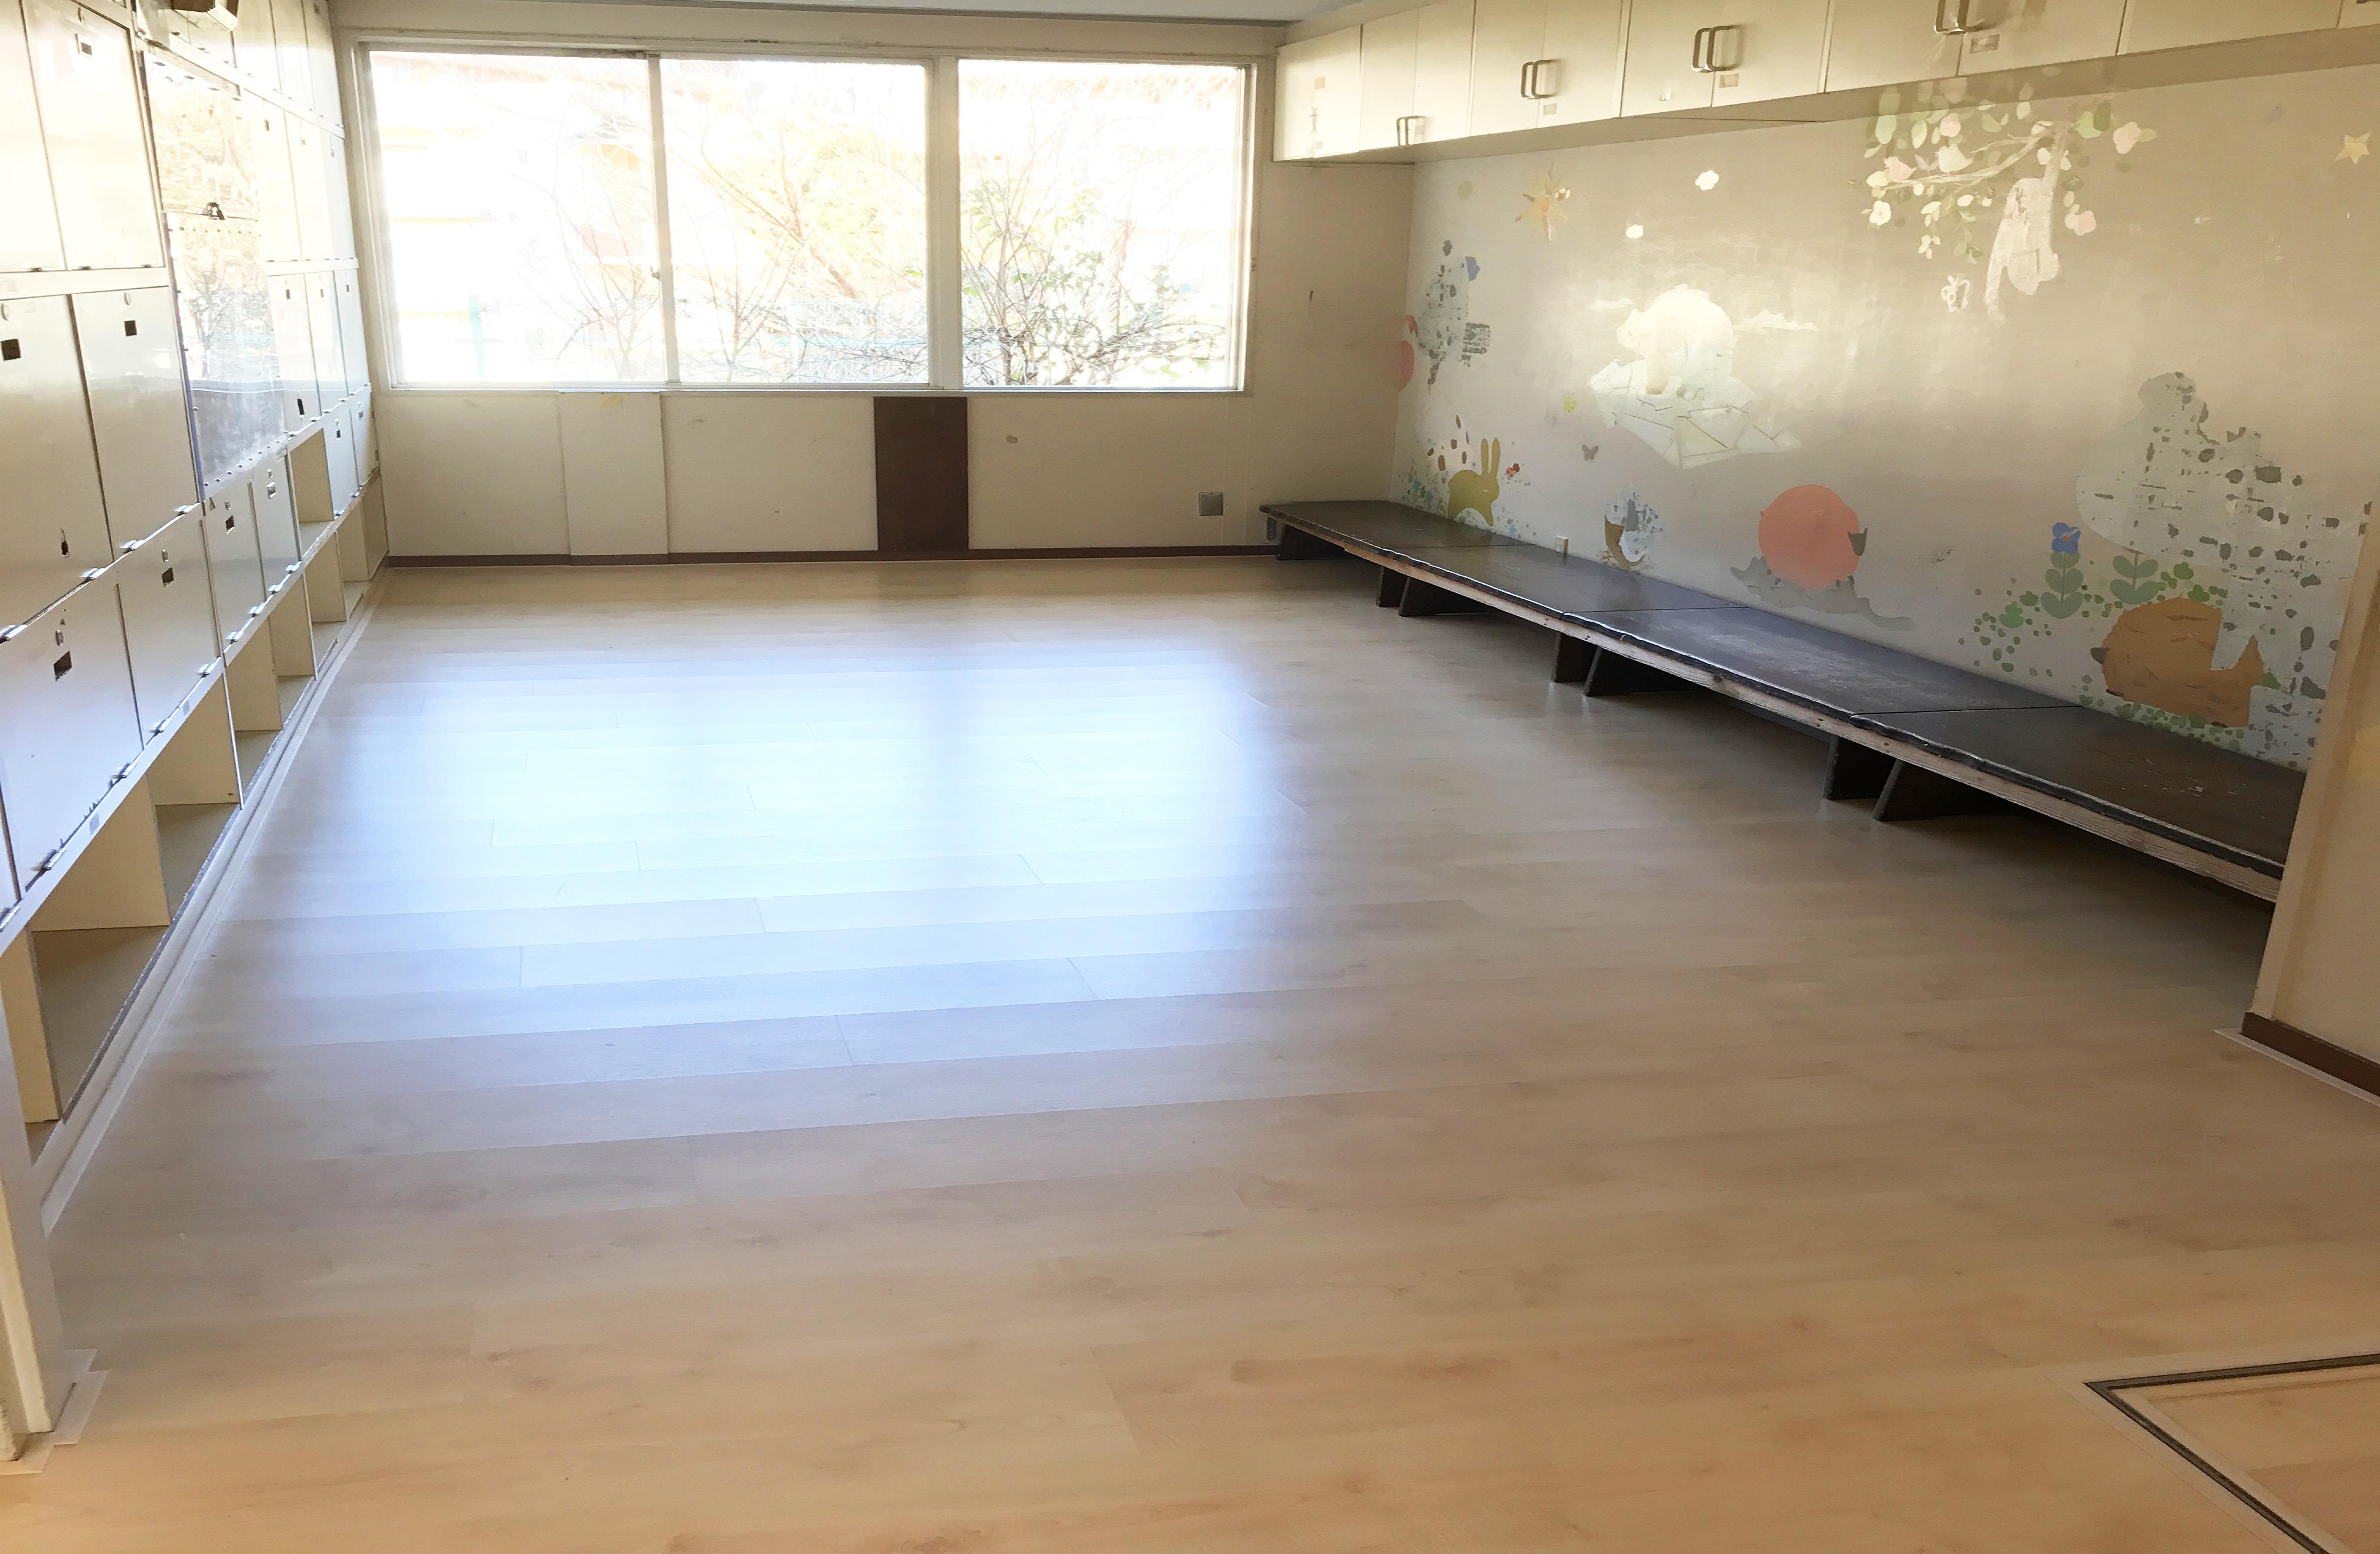 施工事例 遠赤外線温水式床暖房 ゆかだんパオ 株式会社エコミナミ|環境に優しい床暖房